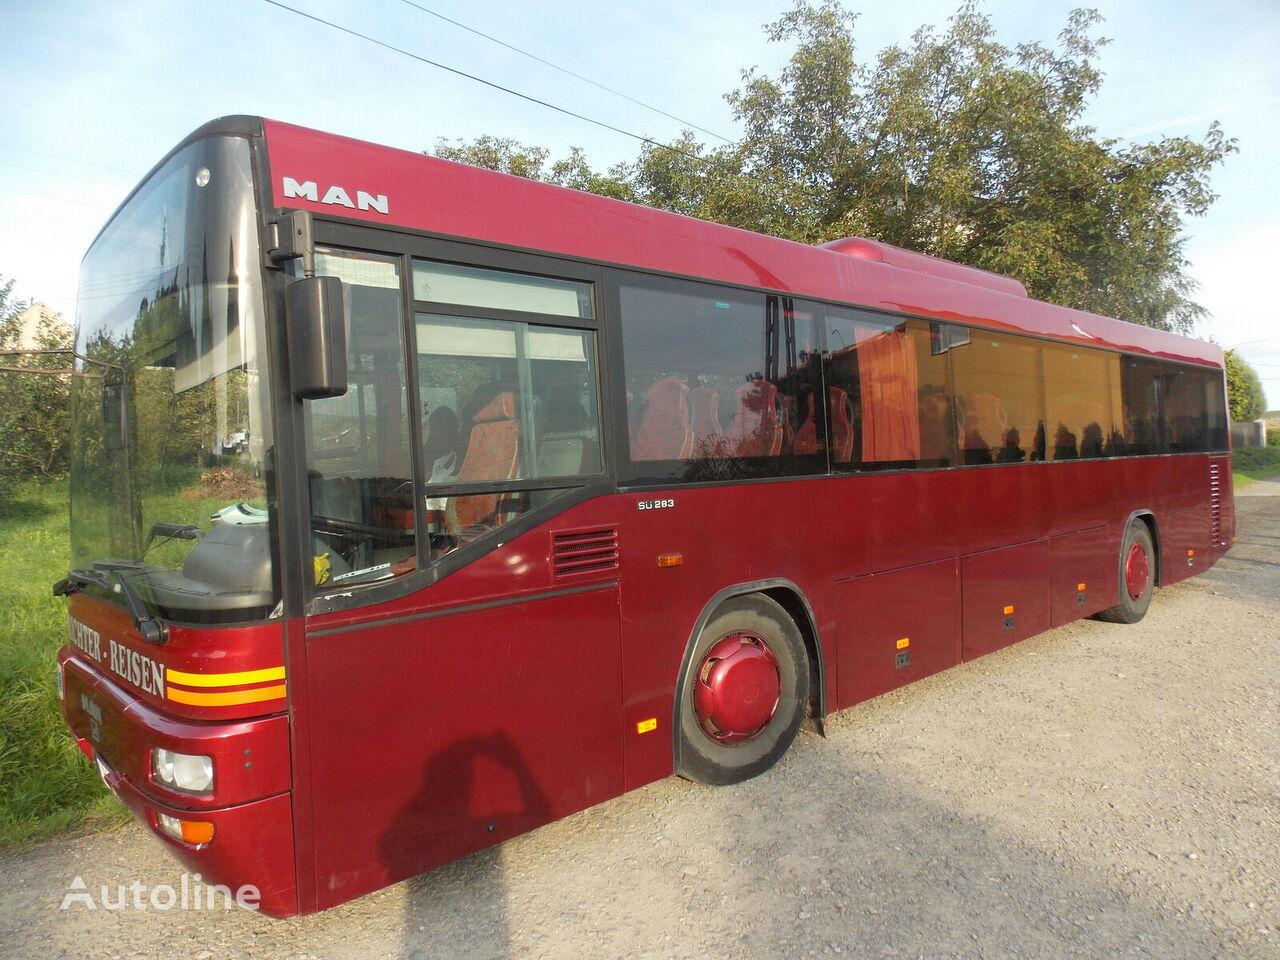 MAN SU 283 A72 263 Midi 469 ekskursijas autobuss